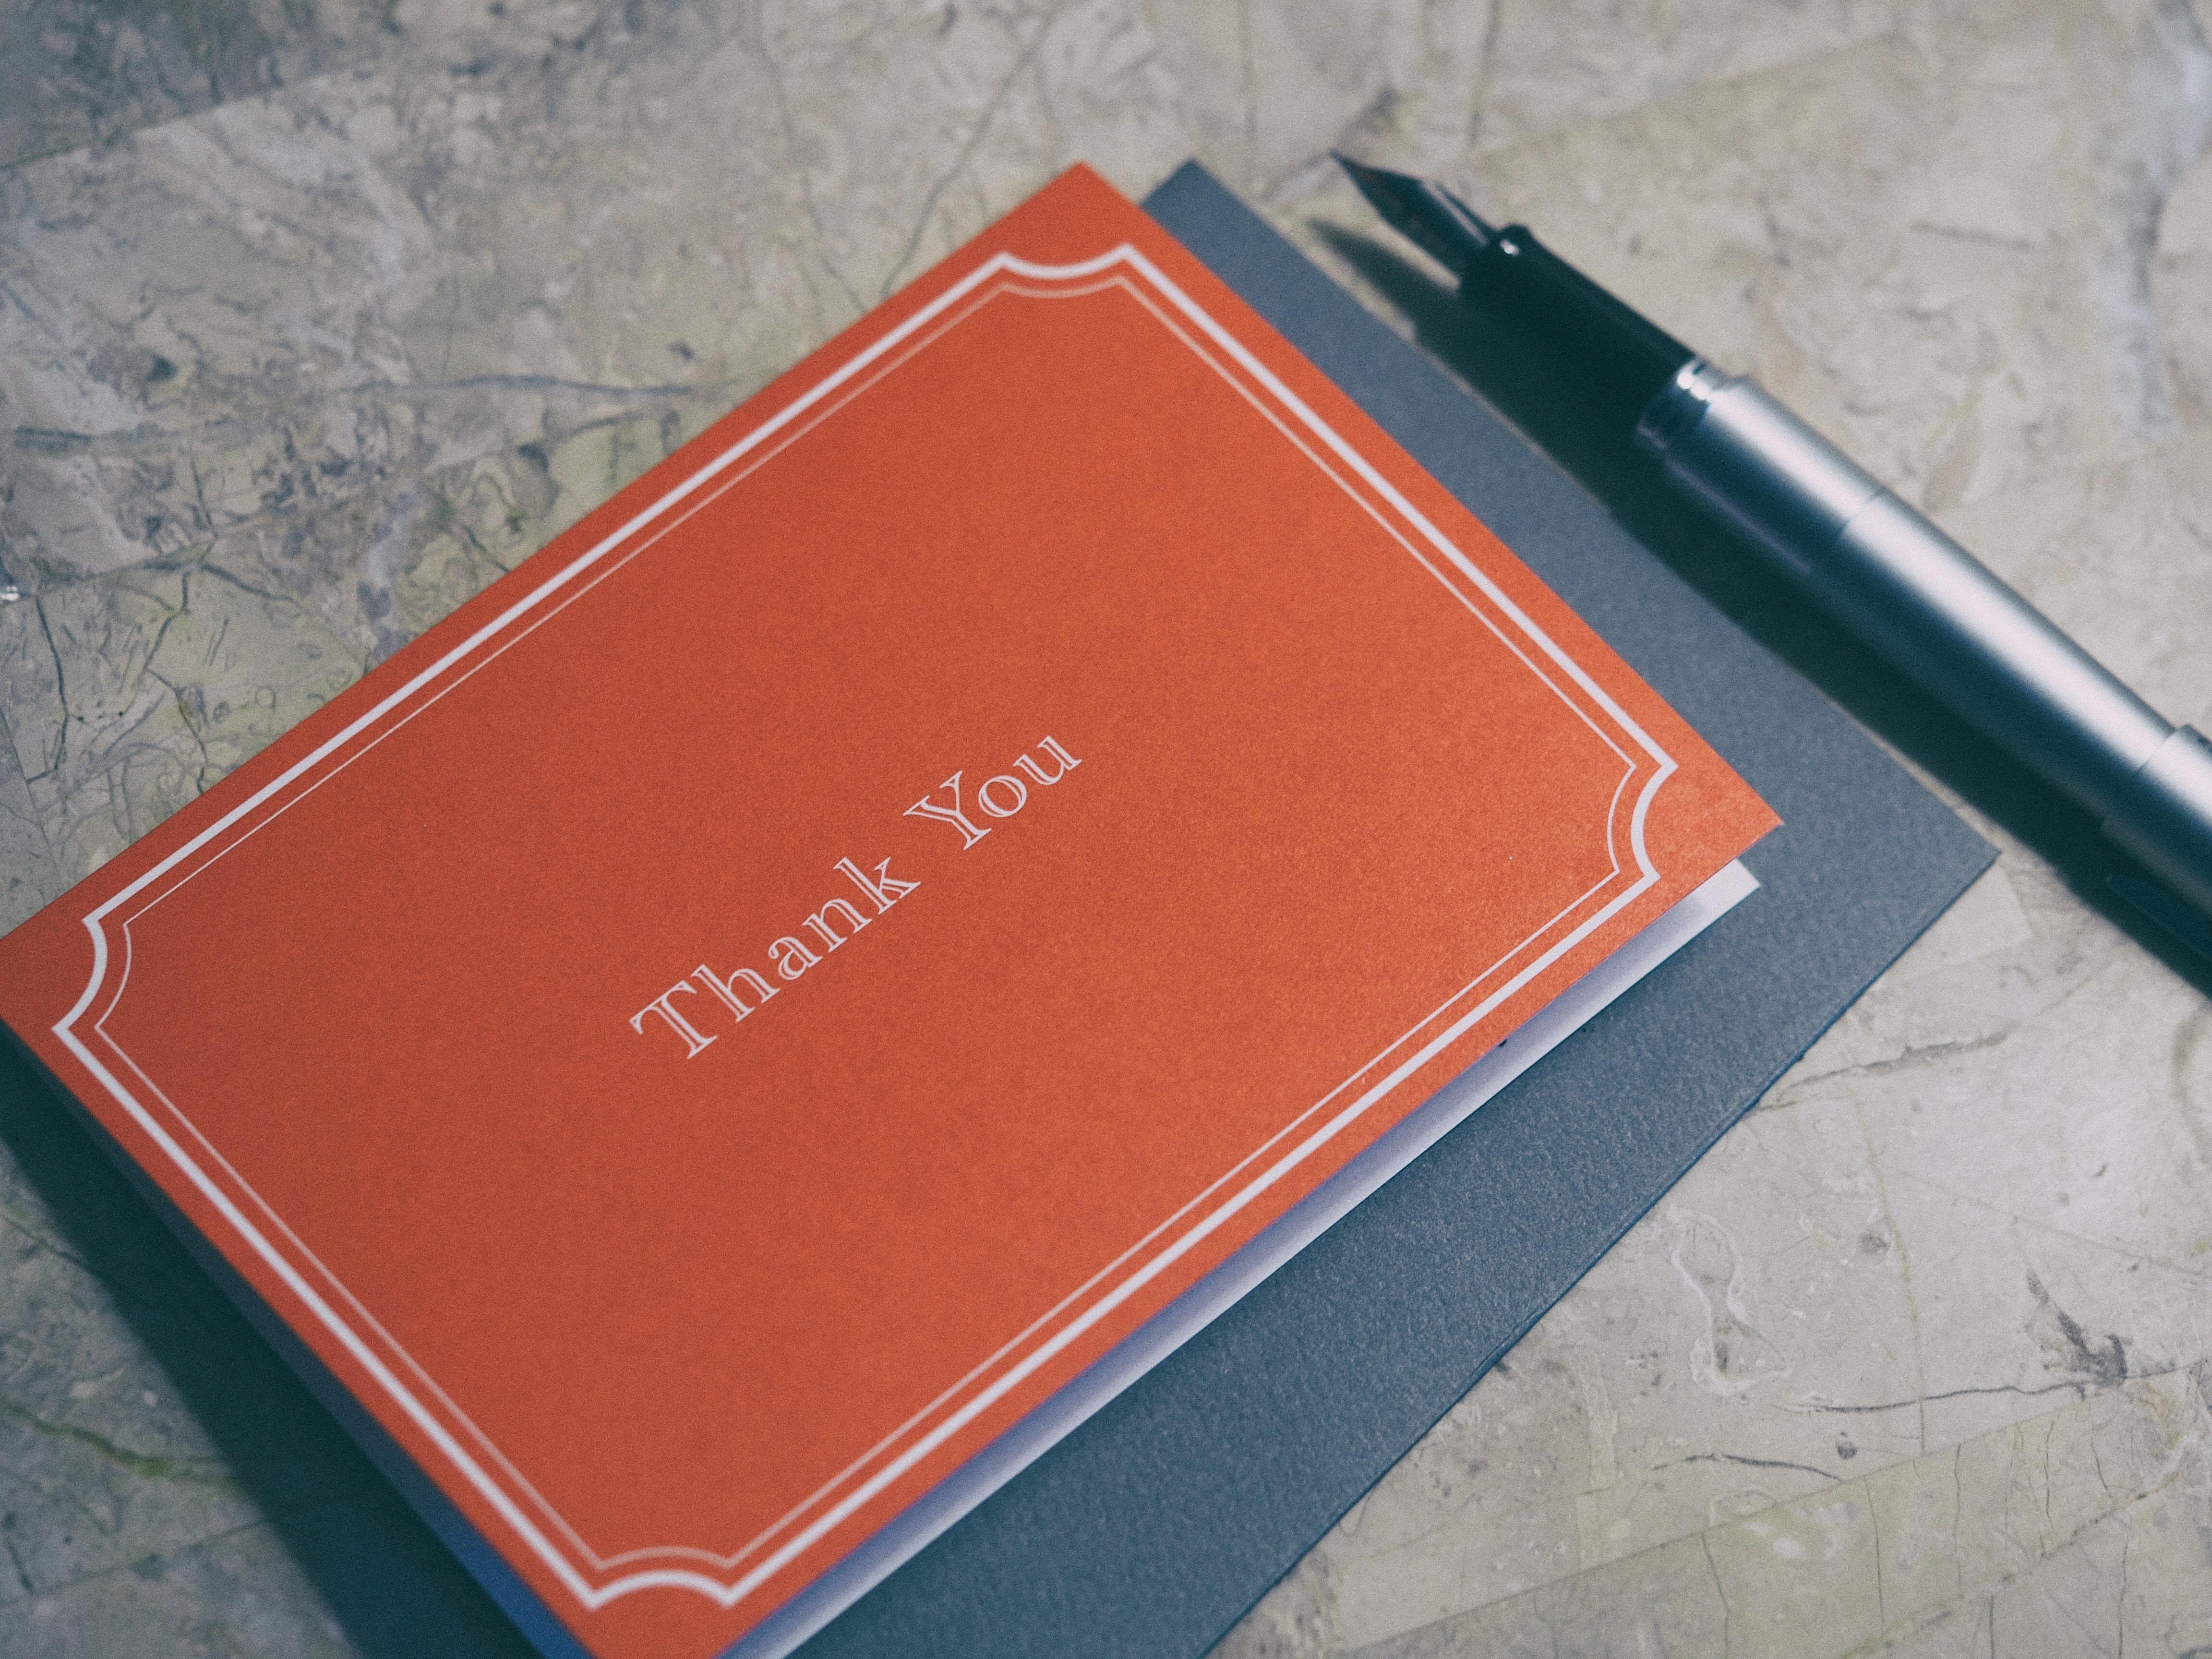 tacksamhet-aaron-burden-211846